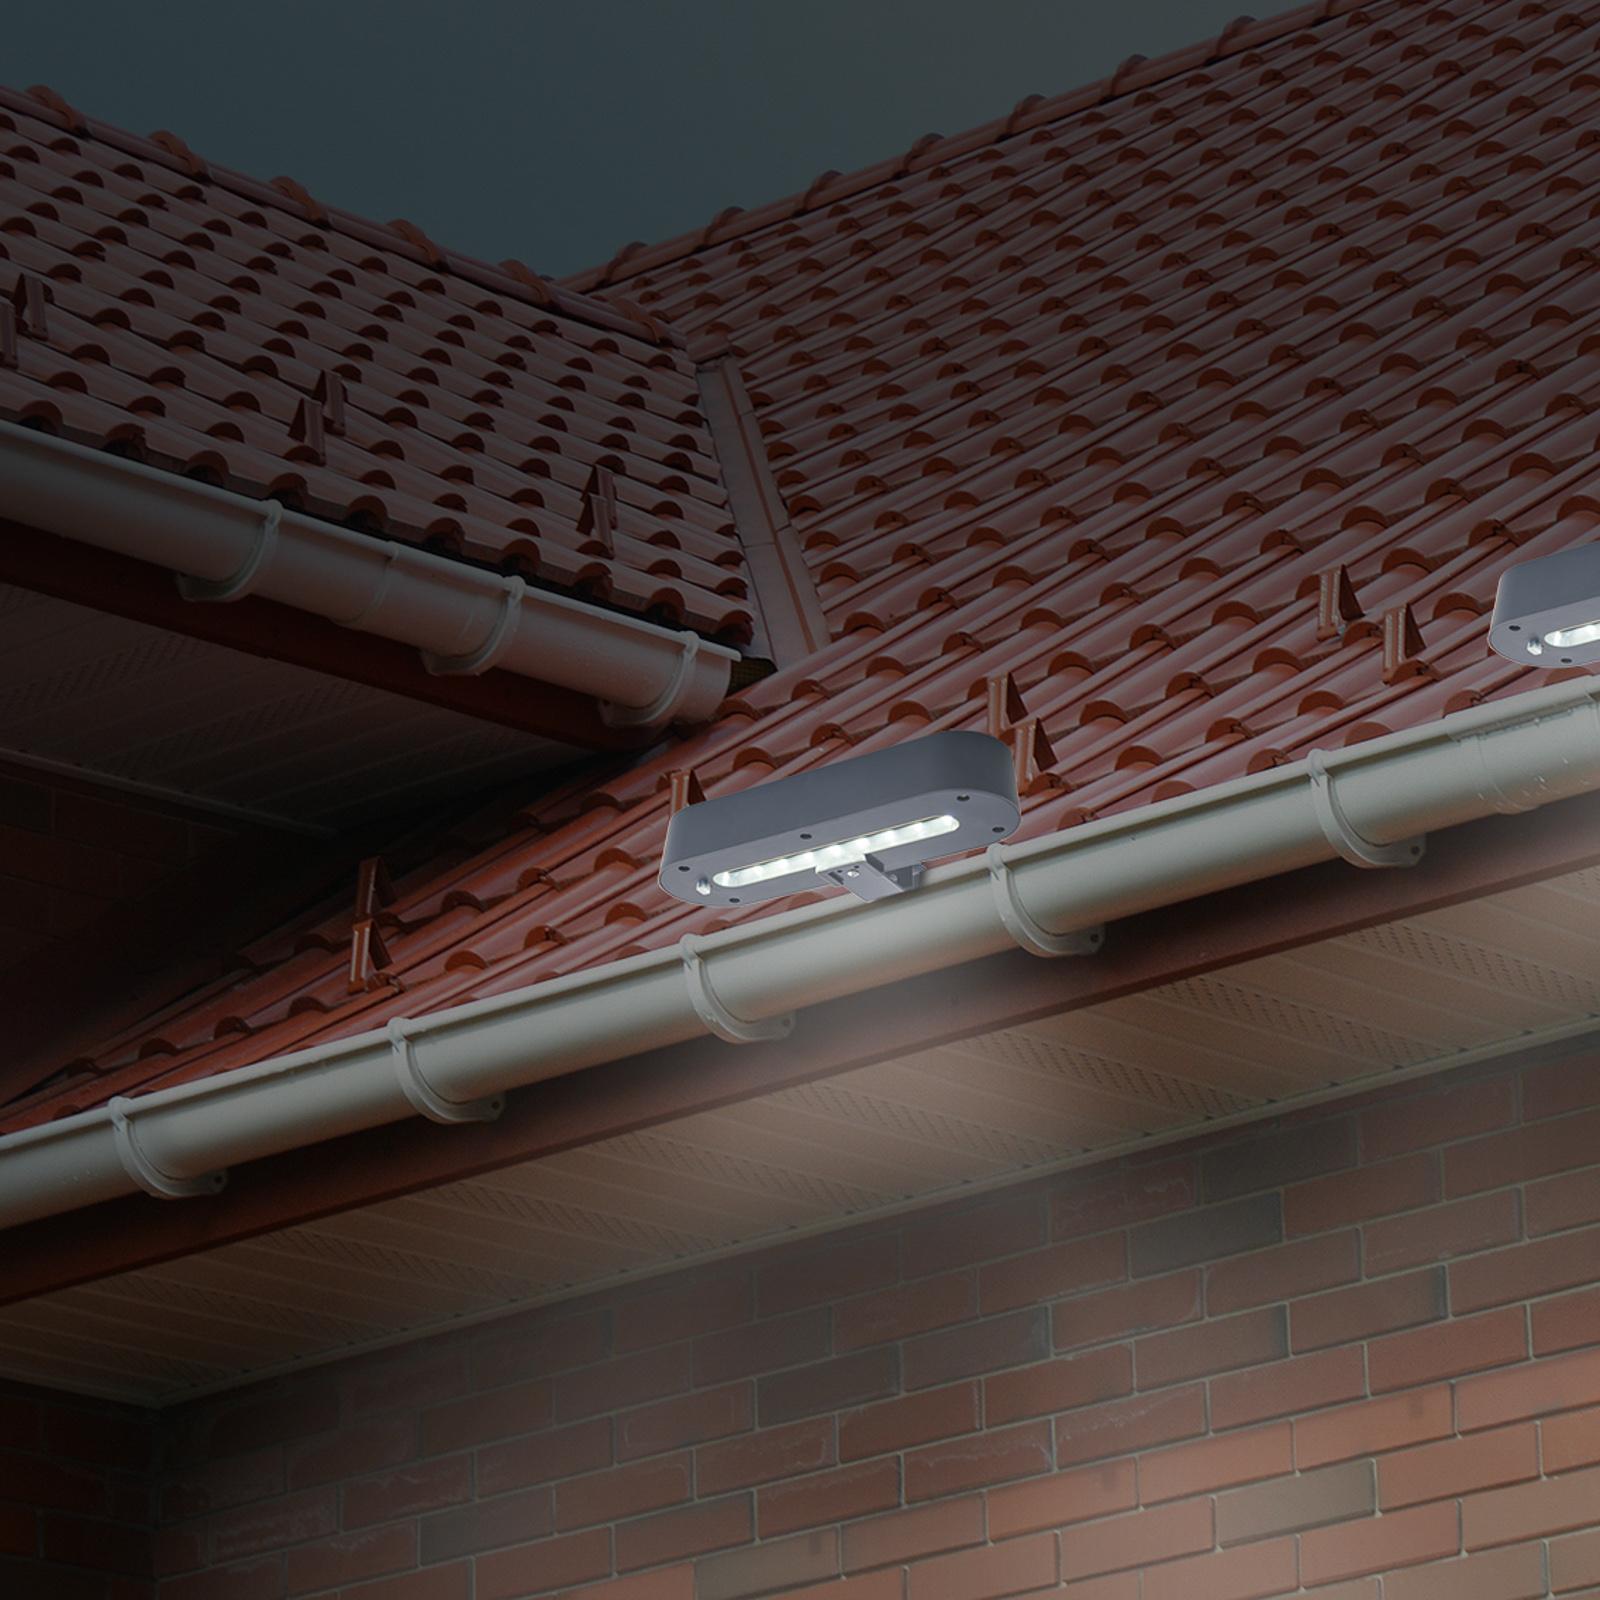 LED-deko-sol-takrennelampe 5249216 2-er-sett